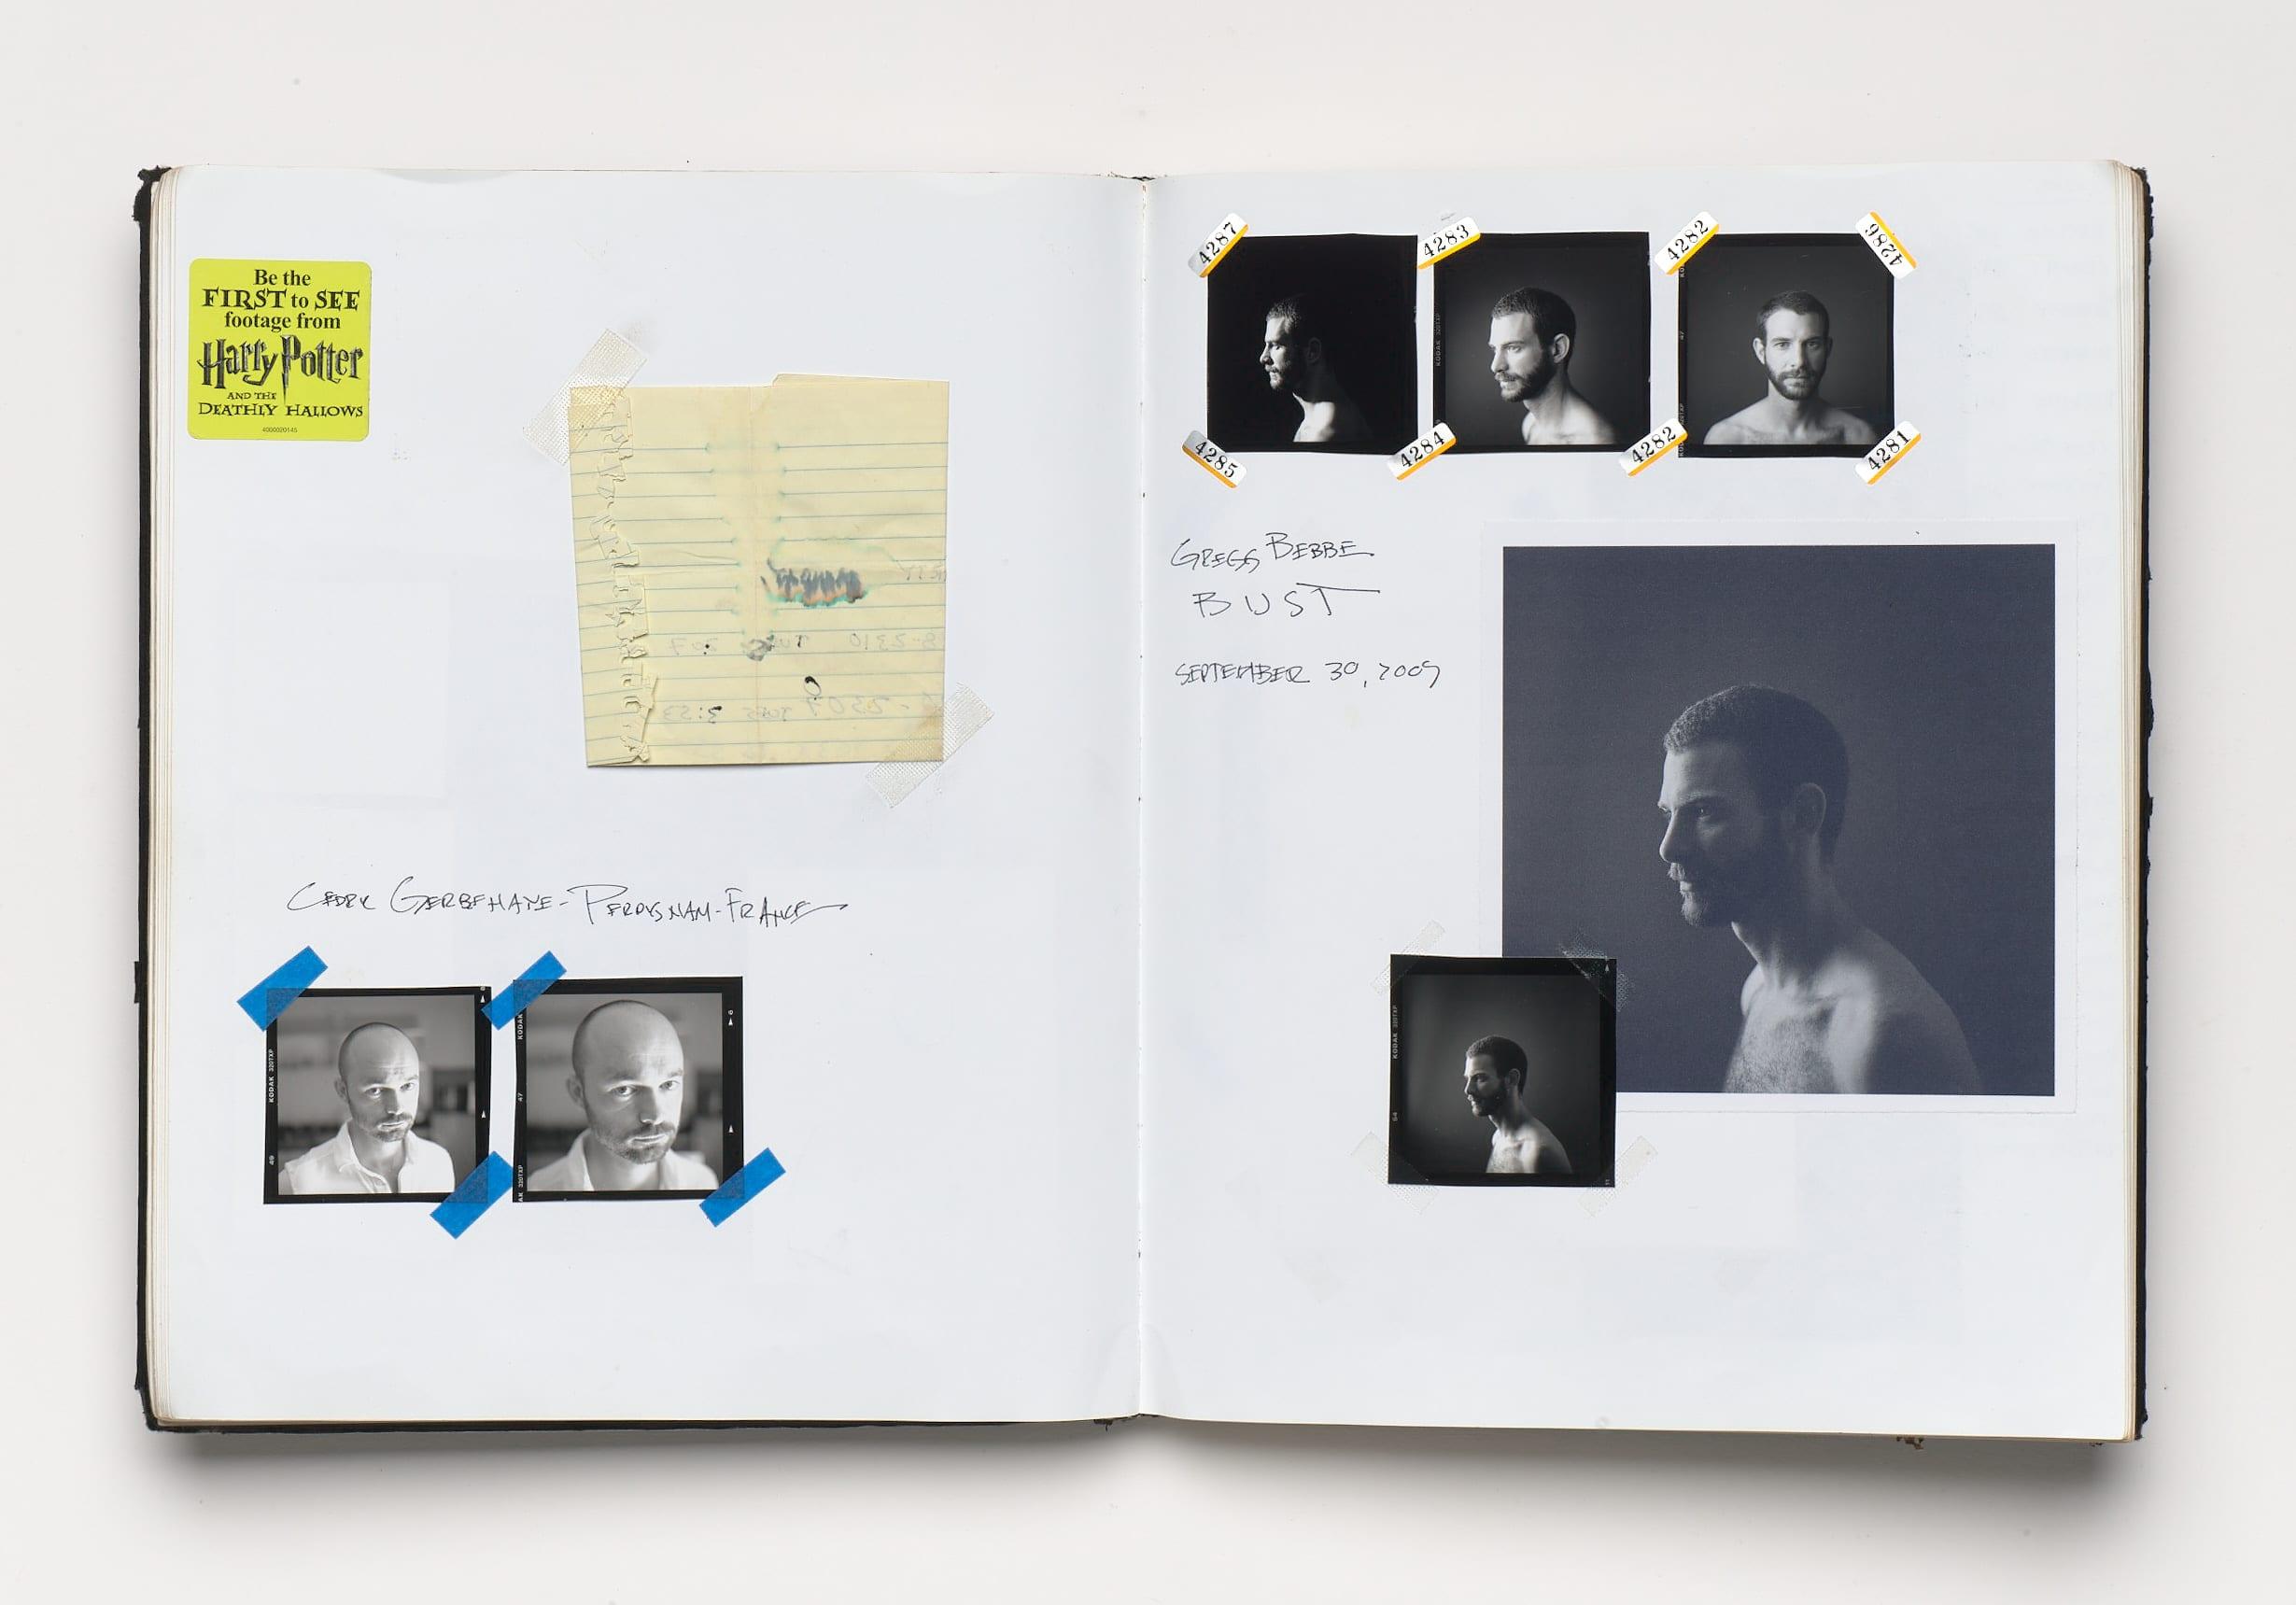 wills-journals-1996-2020-23-copy